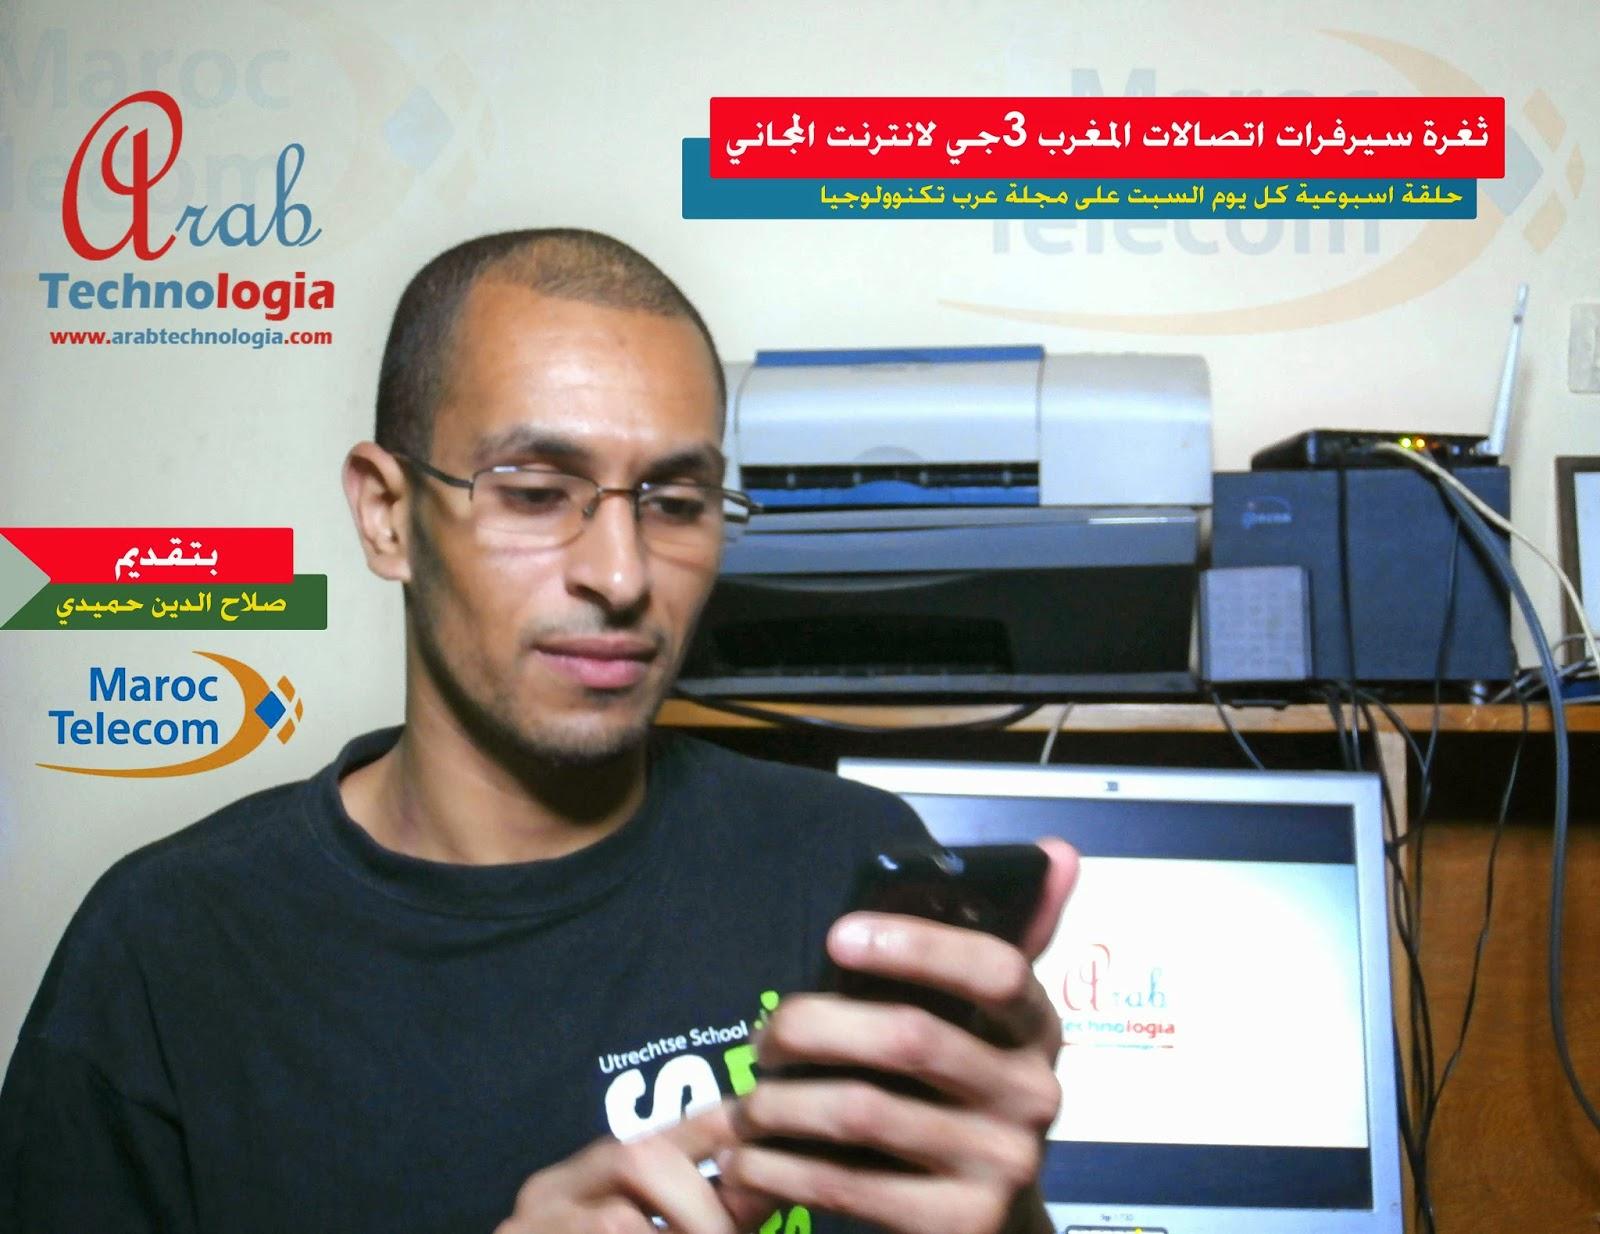 حلقة 13 : ثغرة سيرفر اتصالات المغرب 3جي للانترنت المجاني